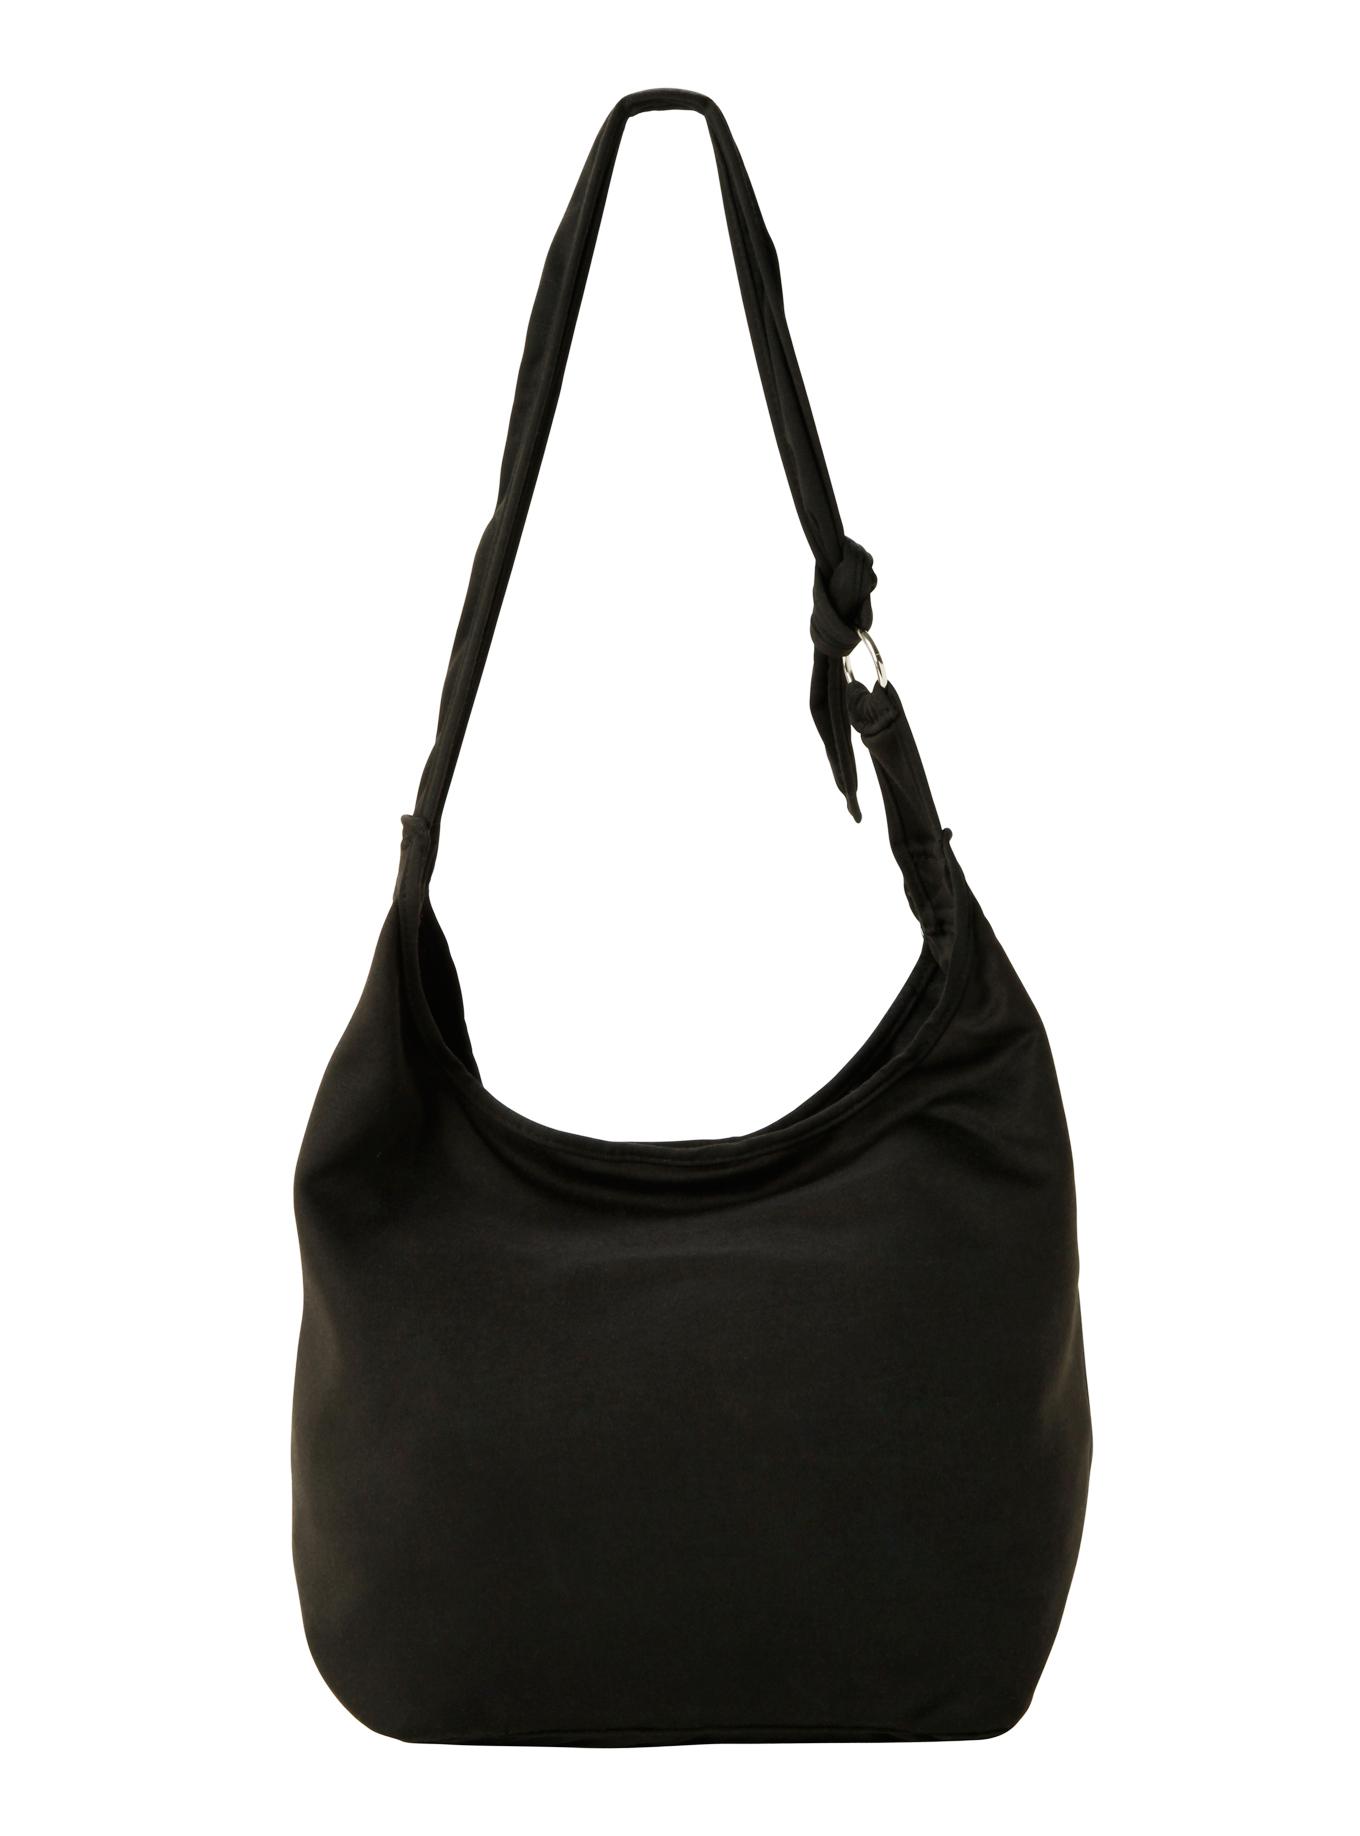 Hot Topic Boba Fett Hobo Bag Back